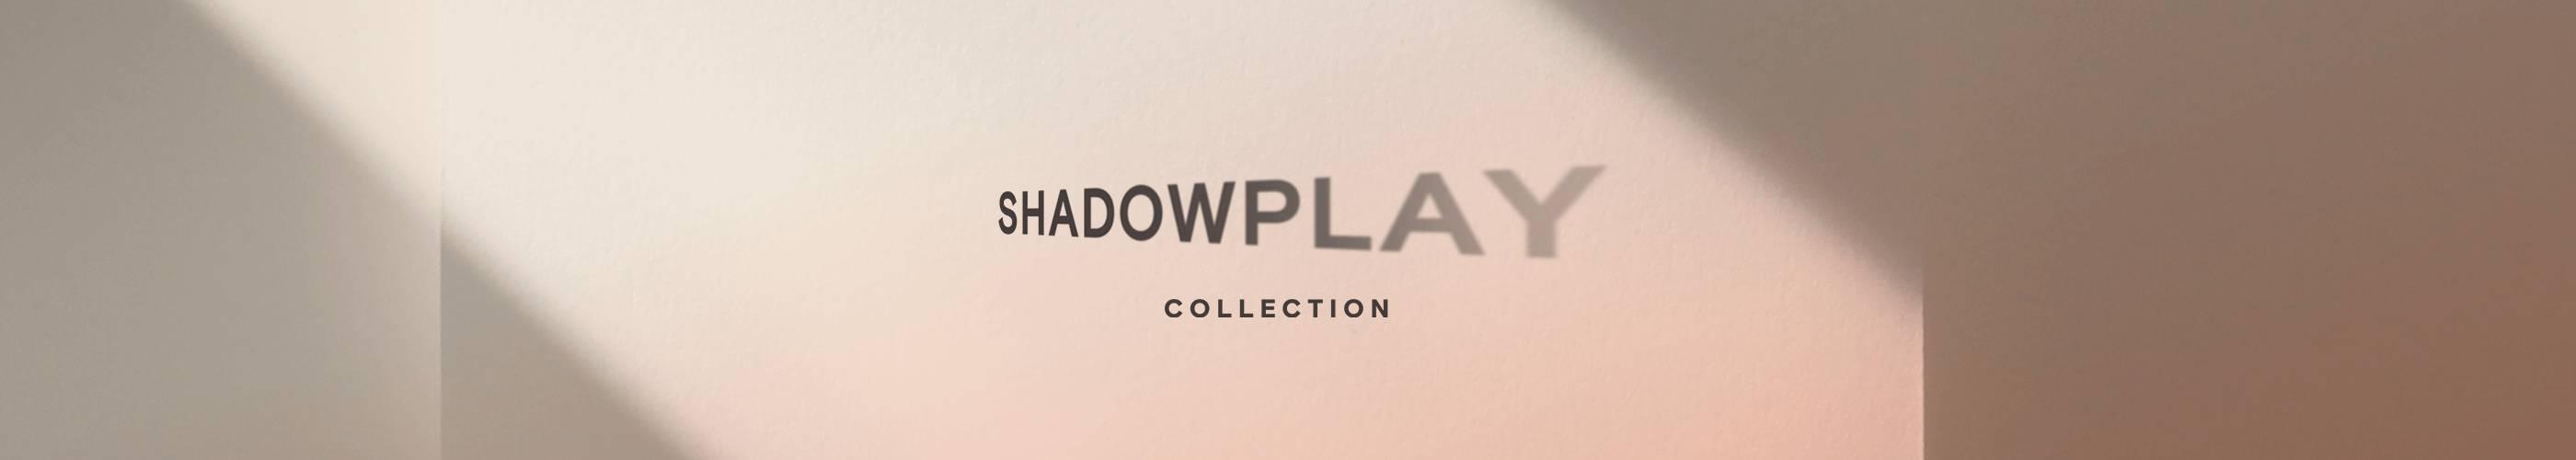 Shaddowplay